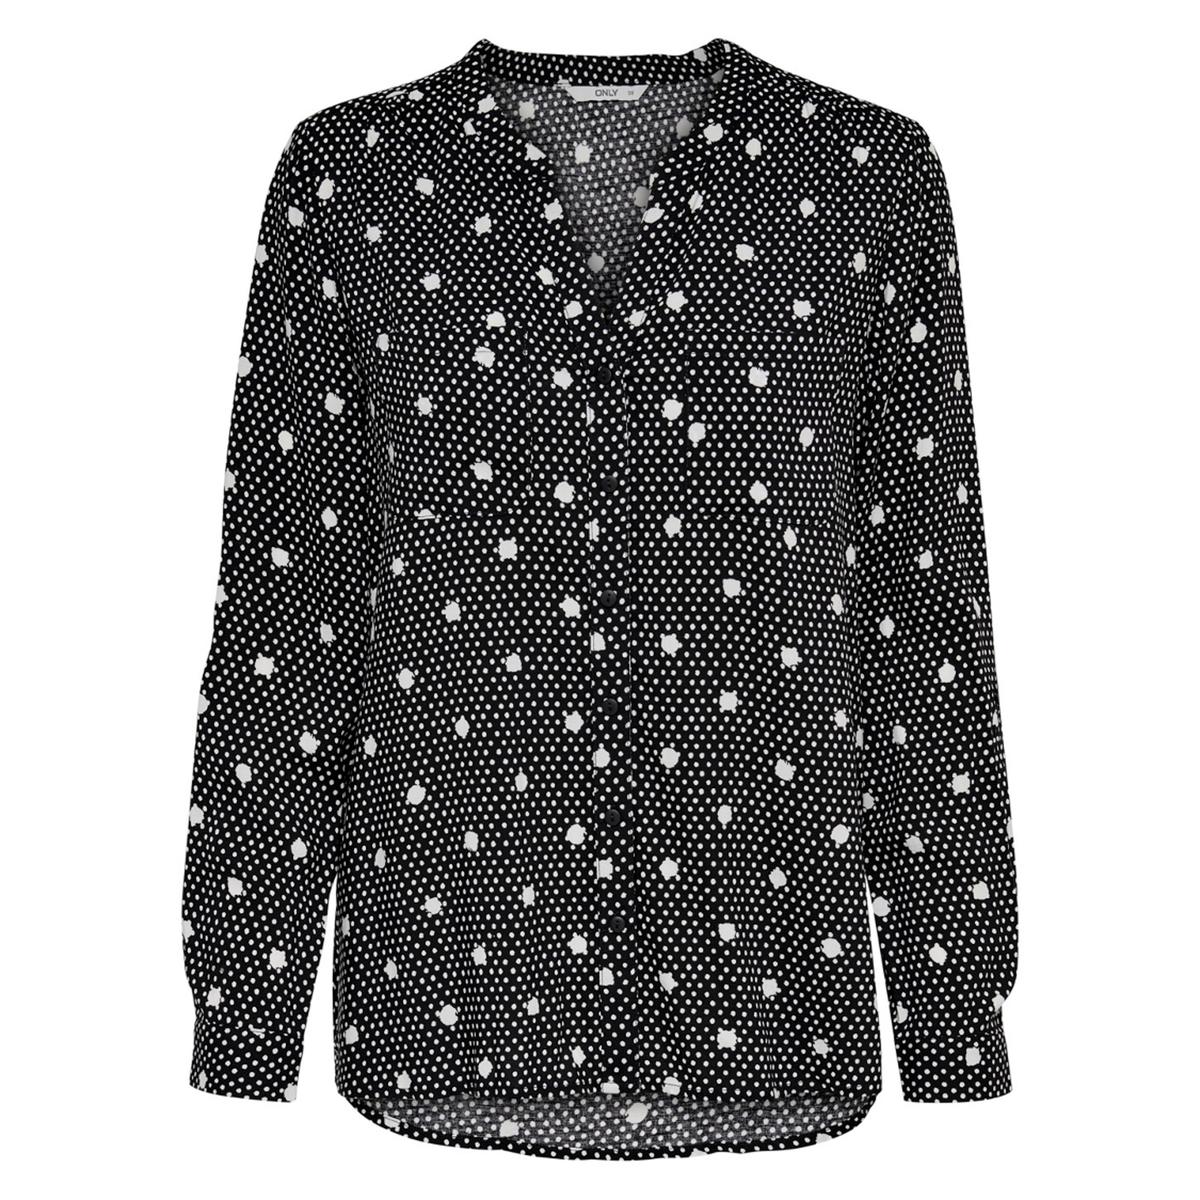 Блузка La Redoute С рисунком и воротником-стойкой 34 (FR) - 40 (RUS) черный платье la redoute длинное с цветочным рисунком и напускным эффектом 34 fr 40 rus черный